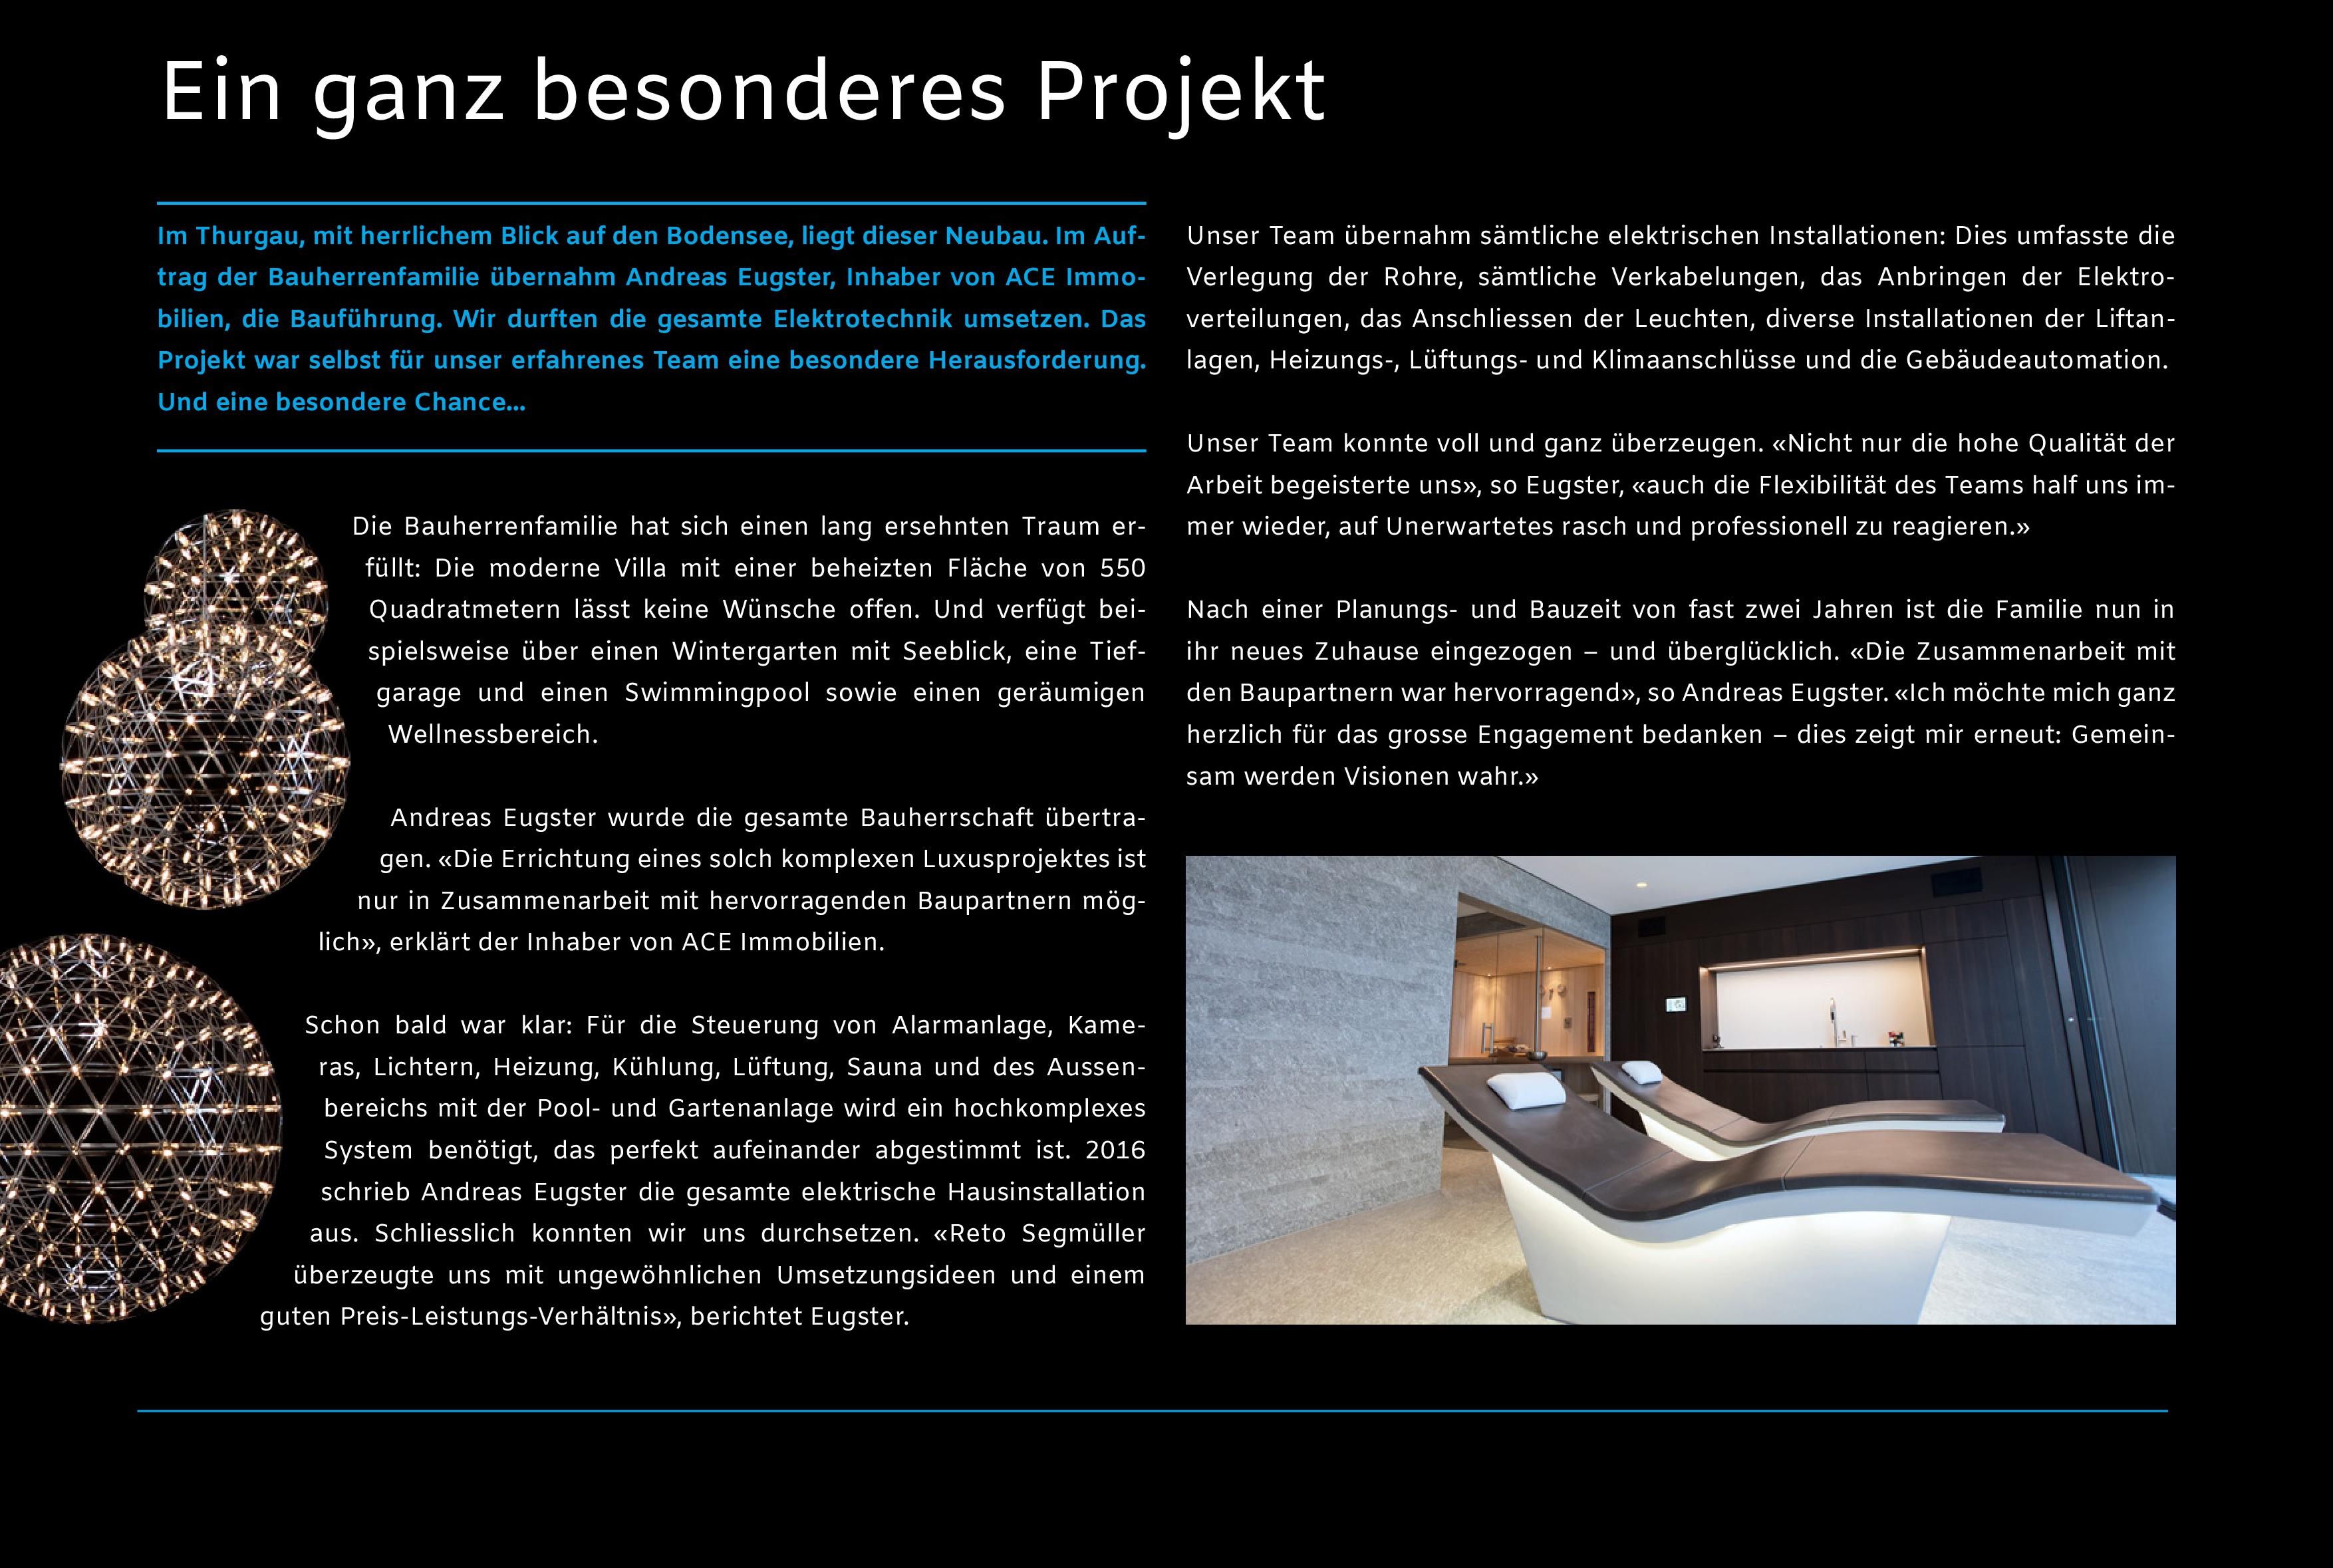 Atemberaubend Installation Von Elektrischen Hausinstallationen ...